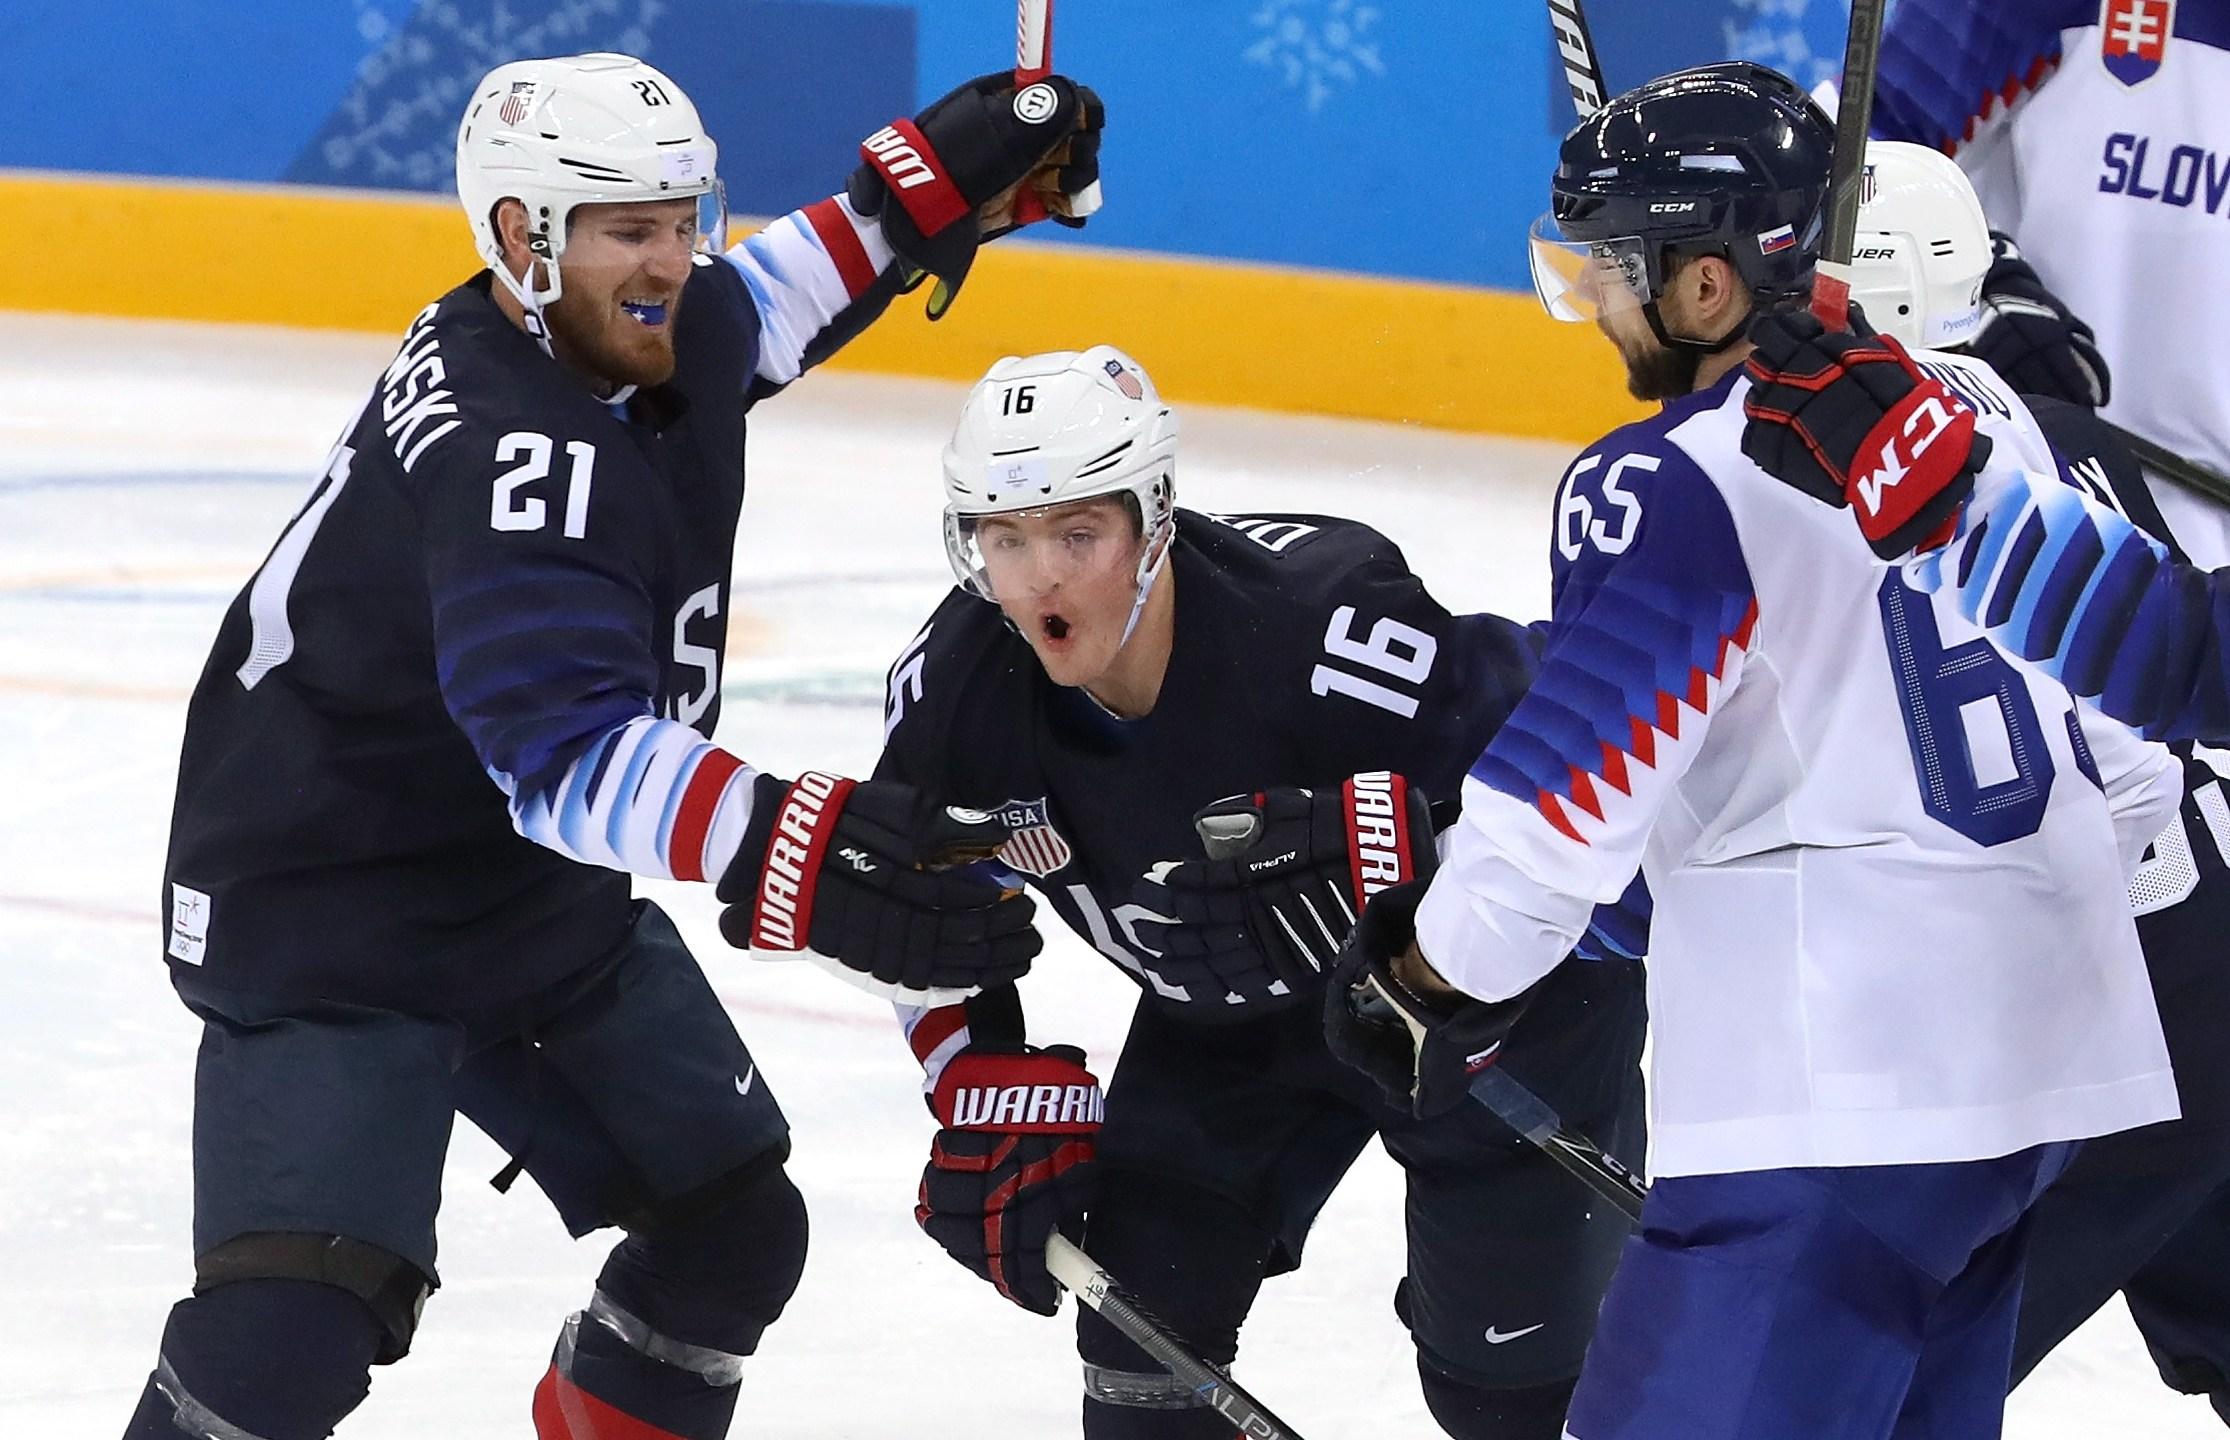 Ice Hockey – Winter Olympics Day 7_315083